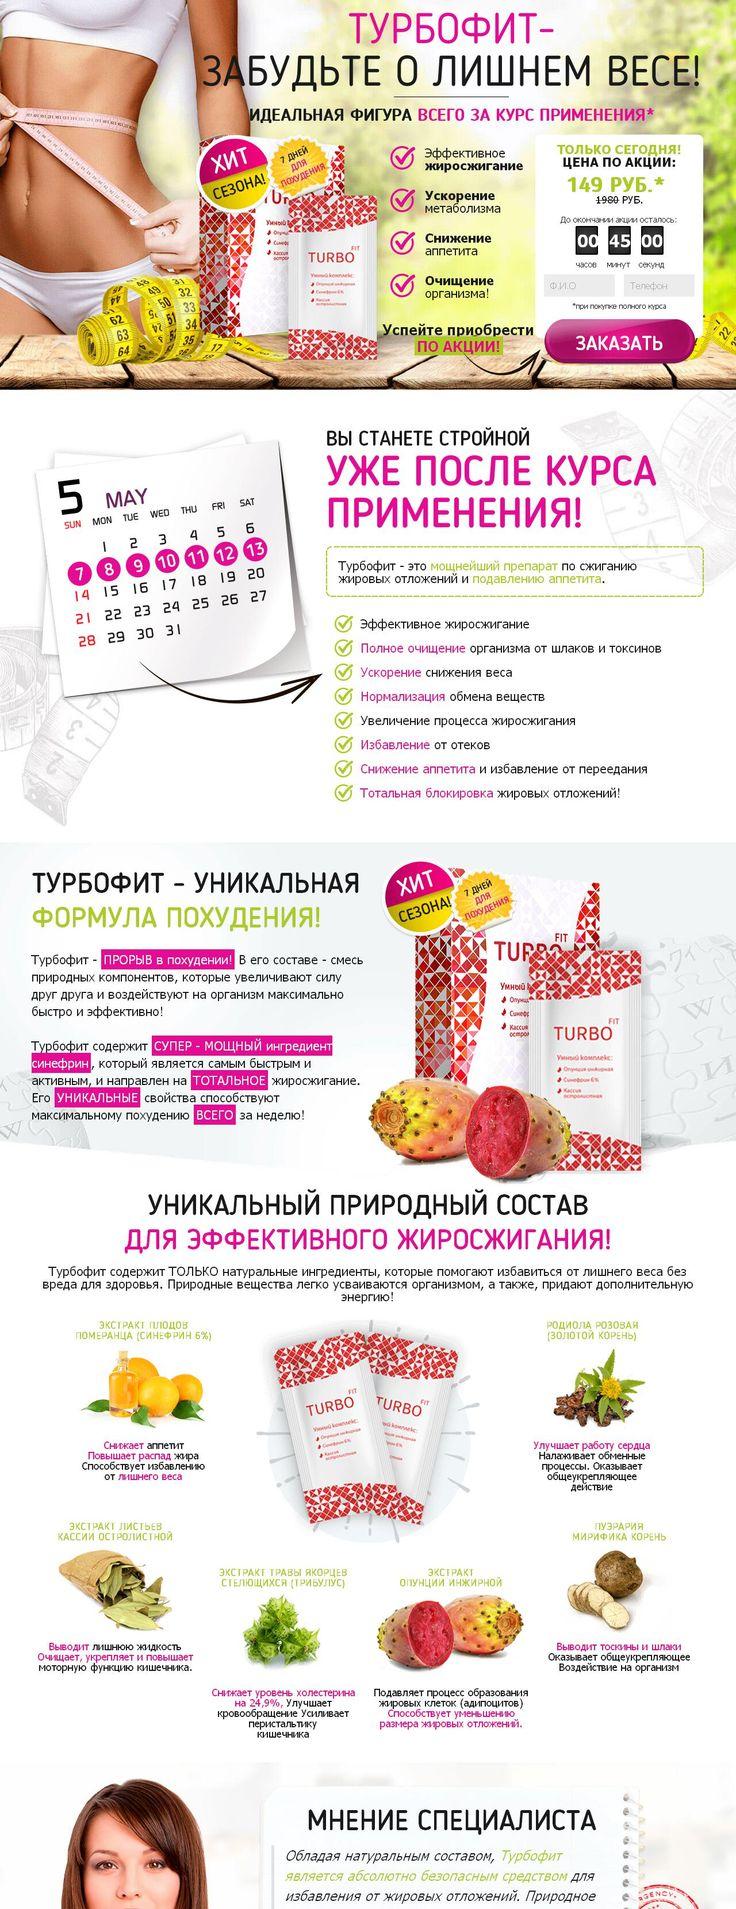 Купить Турбофит за 149 руб. со скидкой в Иркутске